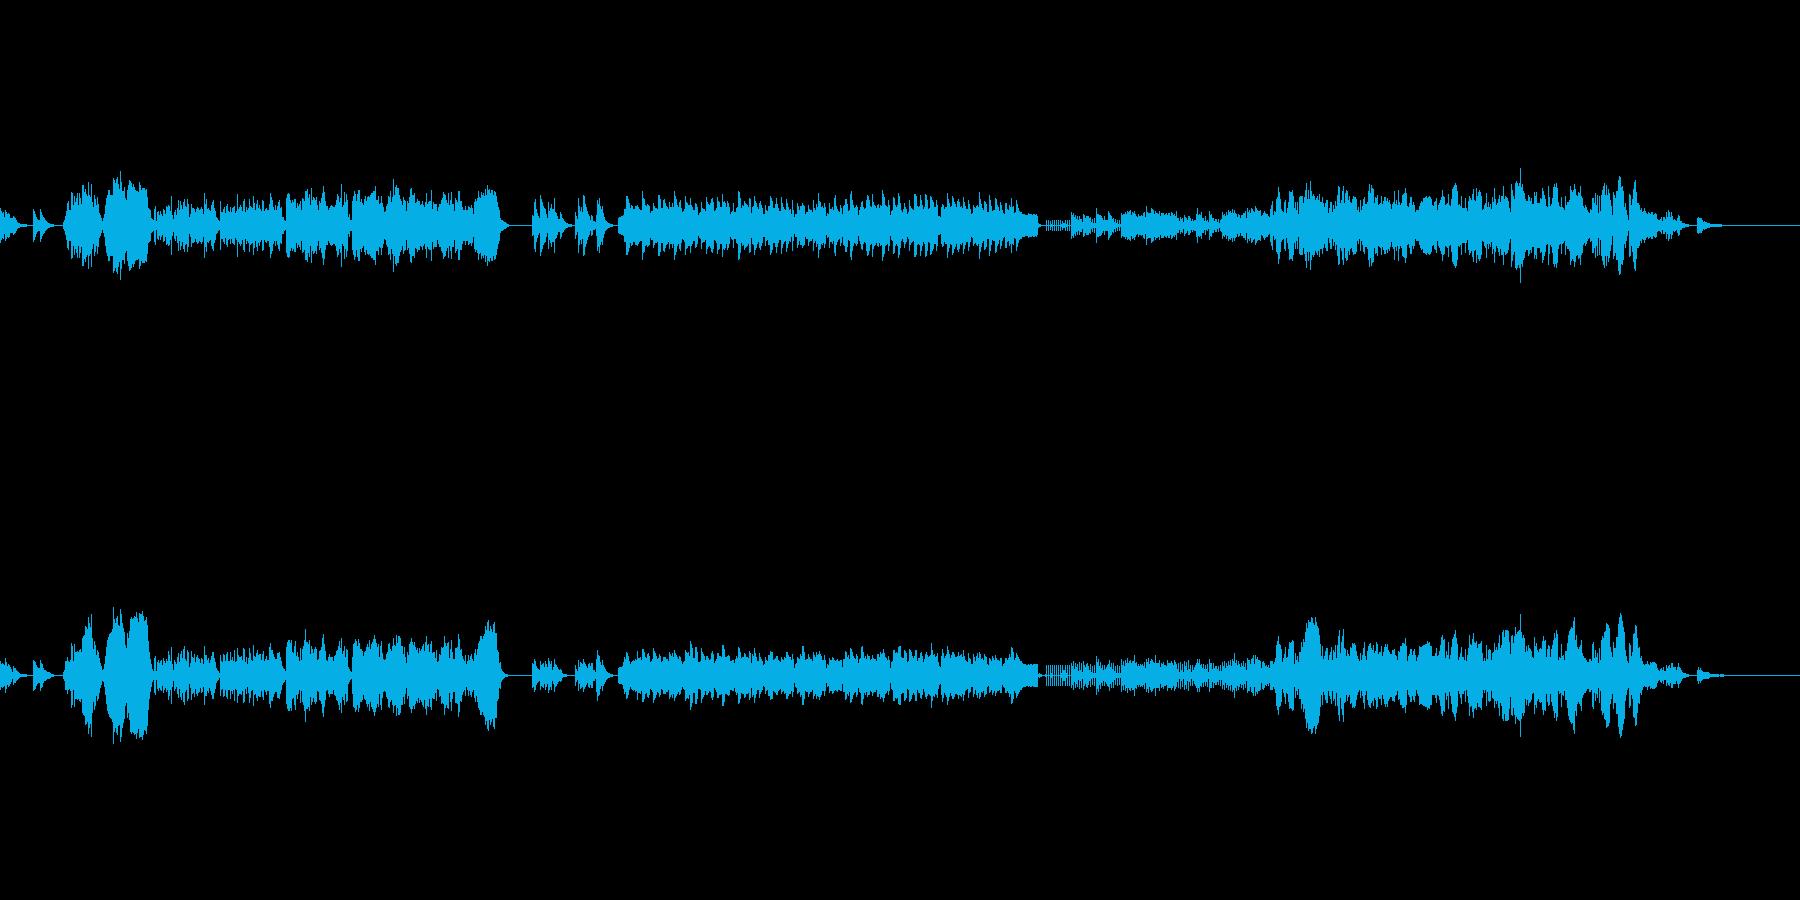 弦とピアノ(チェレスタ)のアンサンブルの再生済みの波形